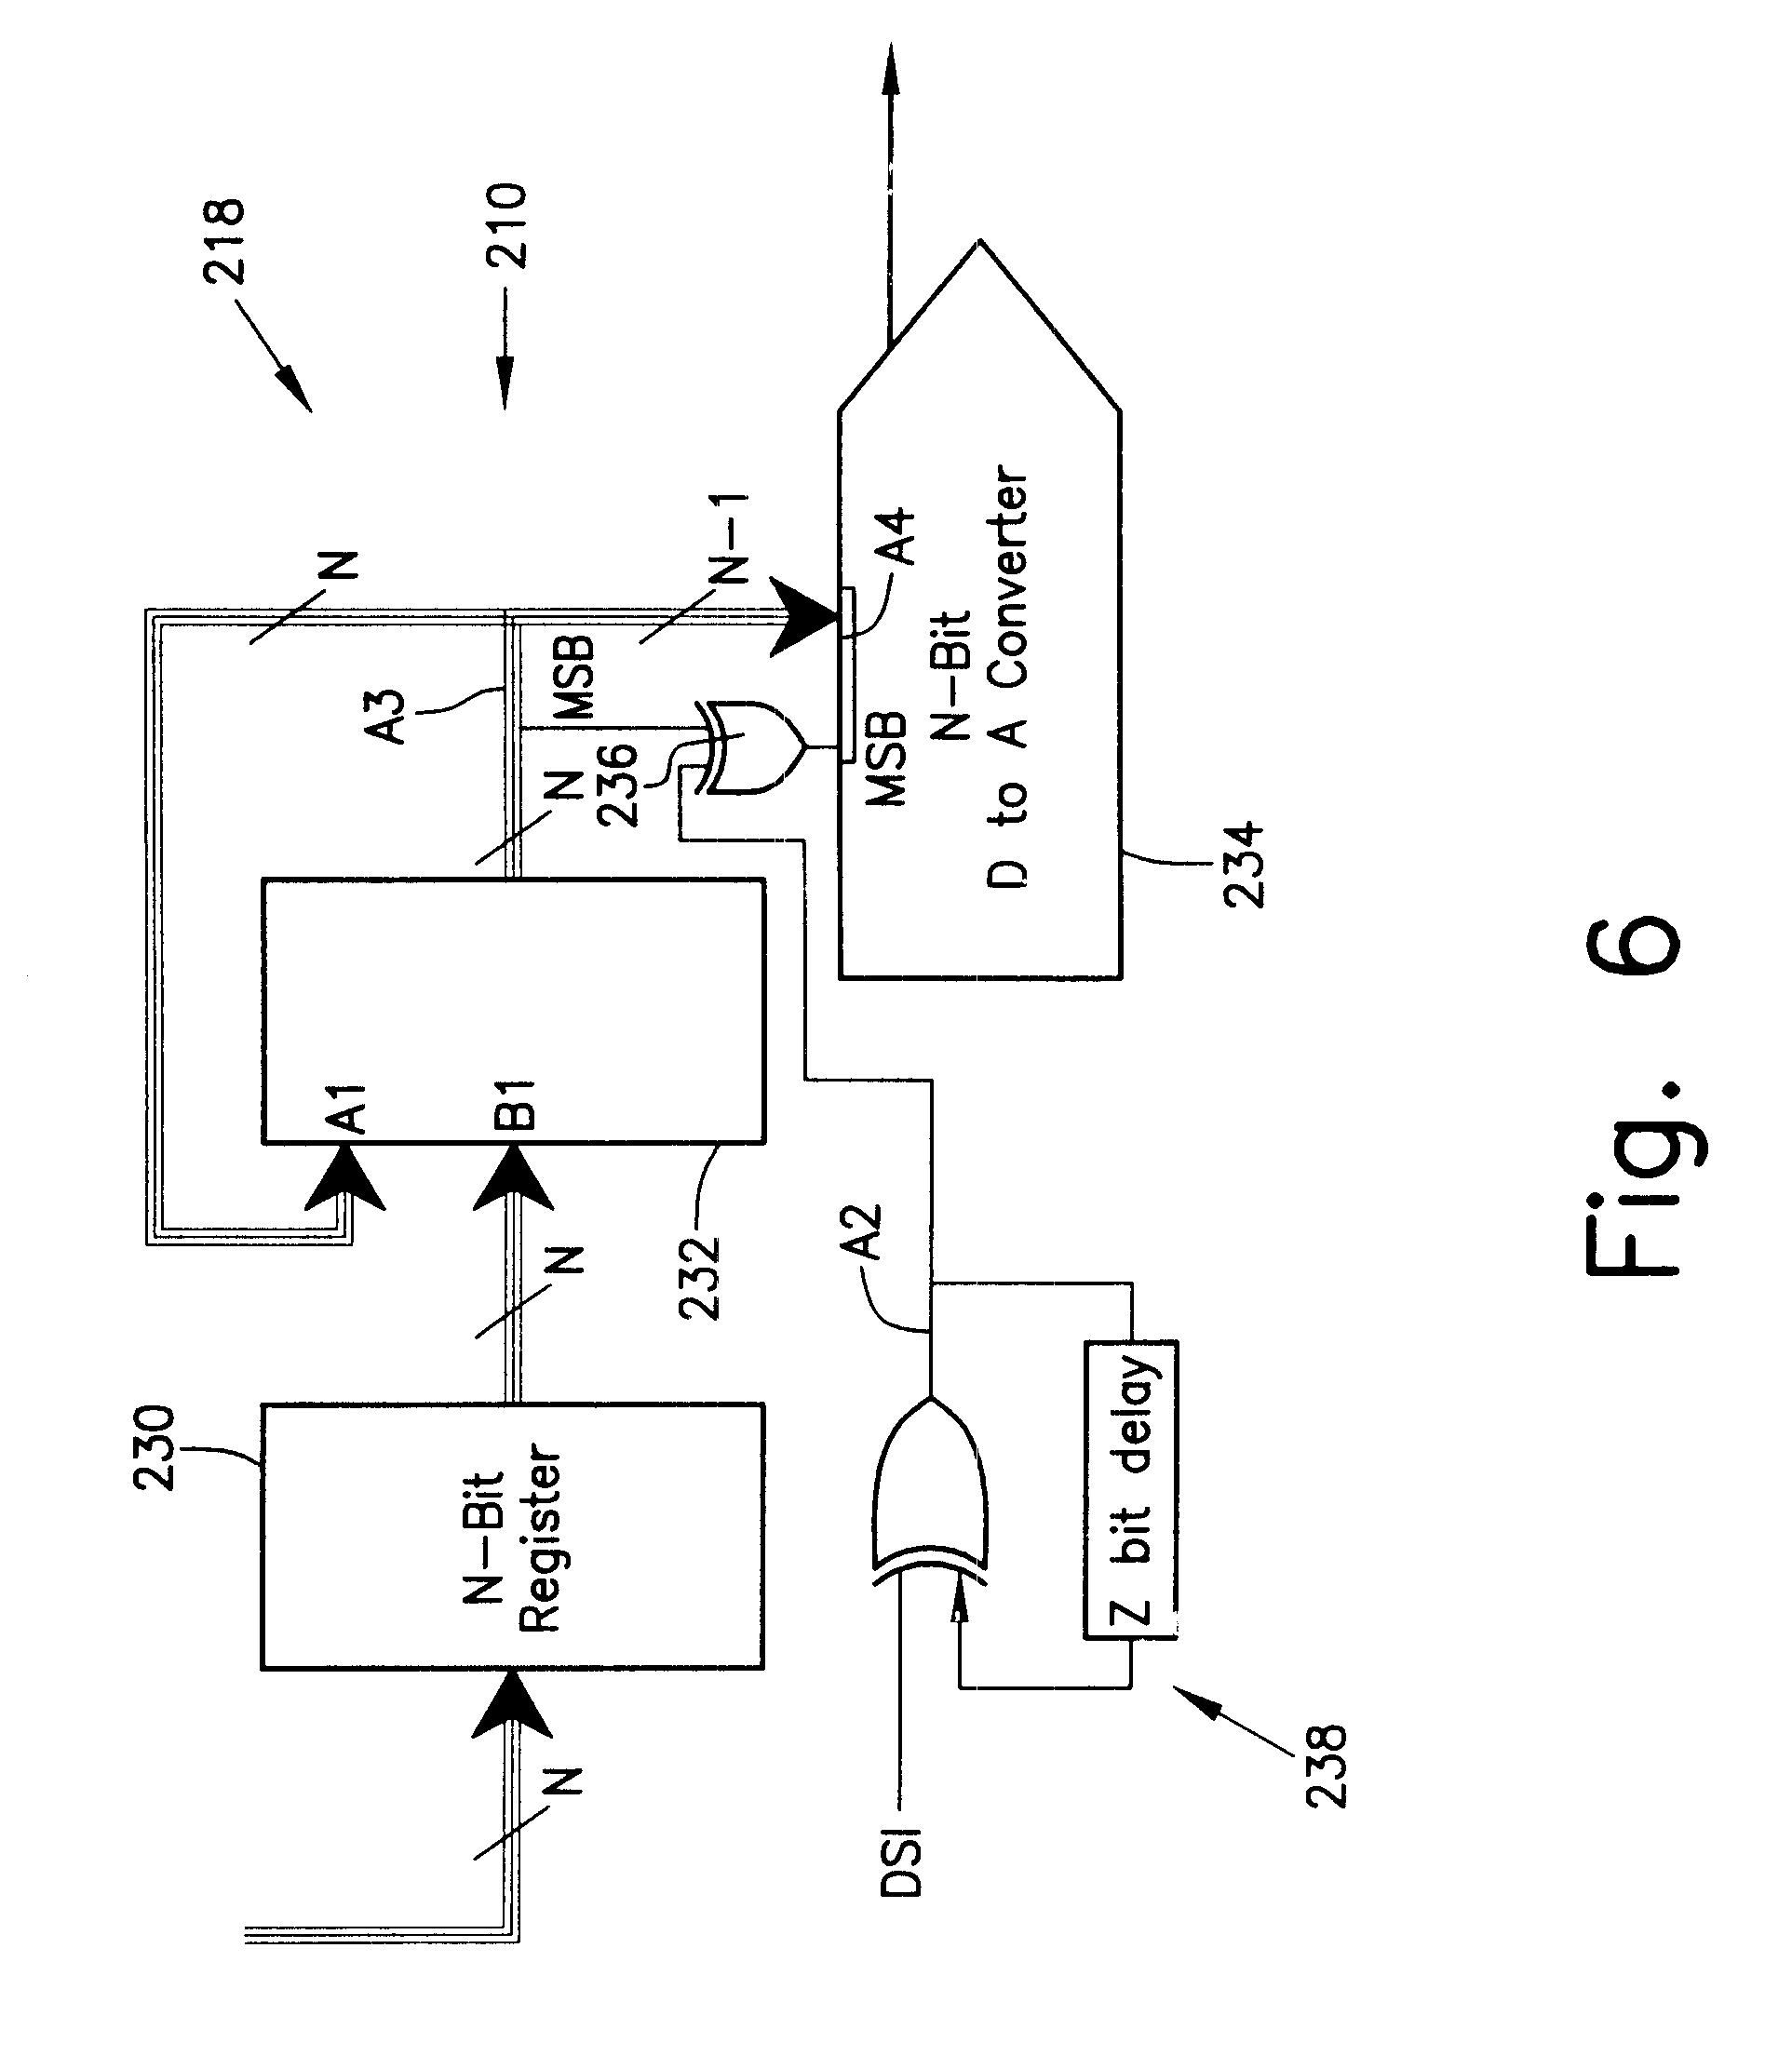 Patent Us 6476952 B1 The Ne555 Fm Modulation Circuit Controlcircuit Diagram Litigations